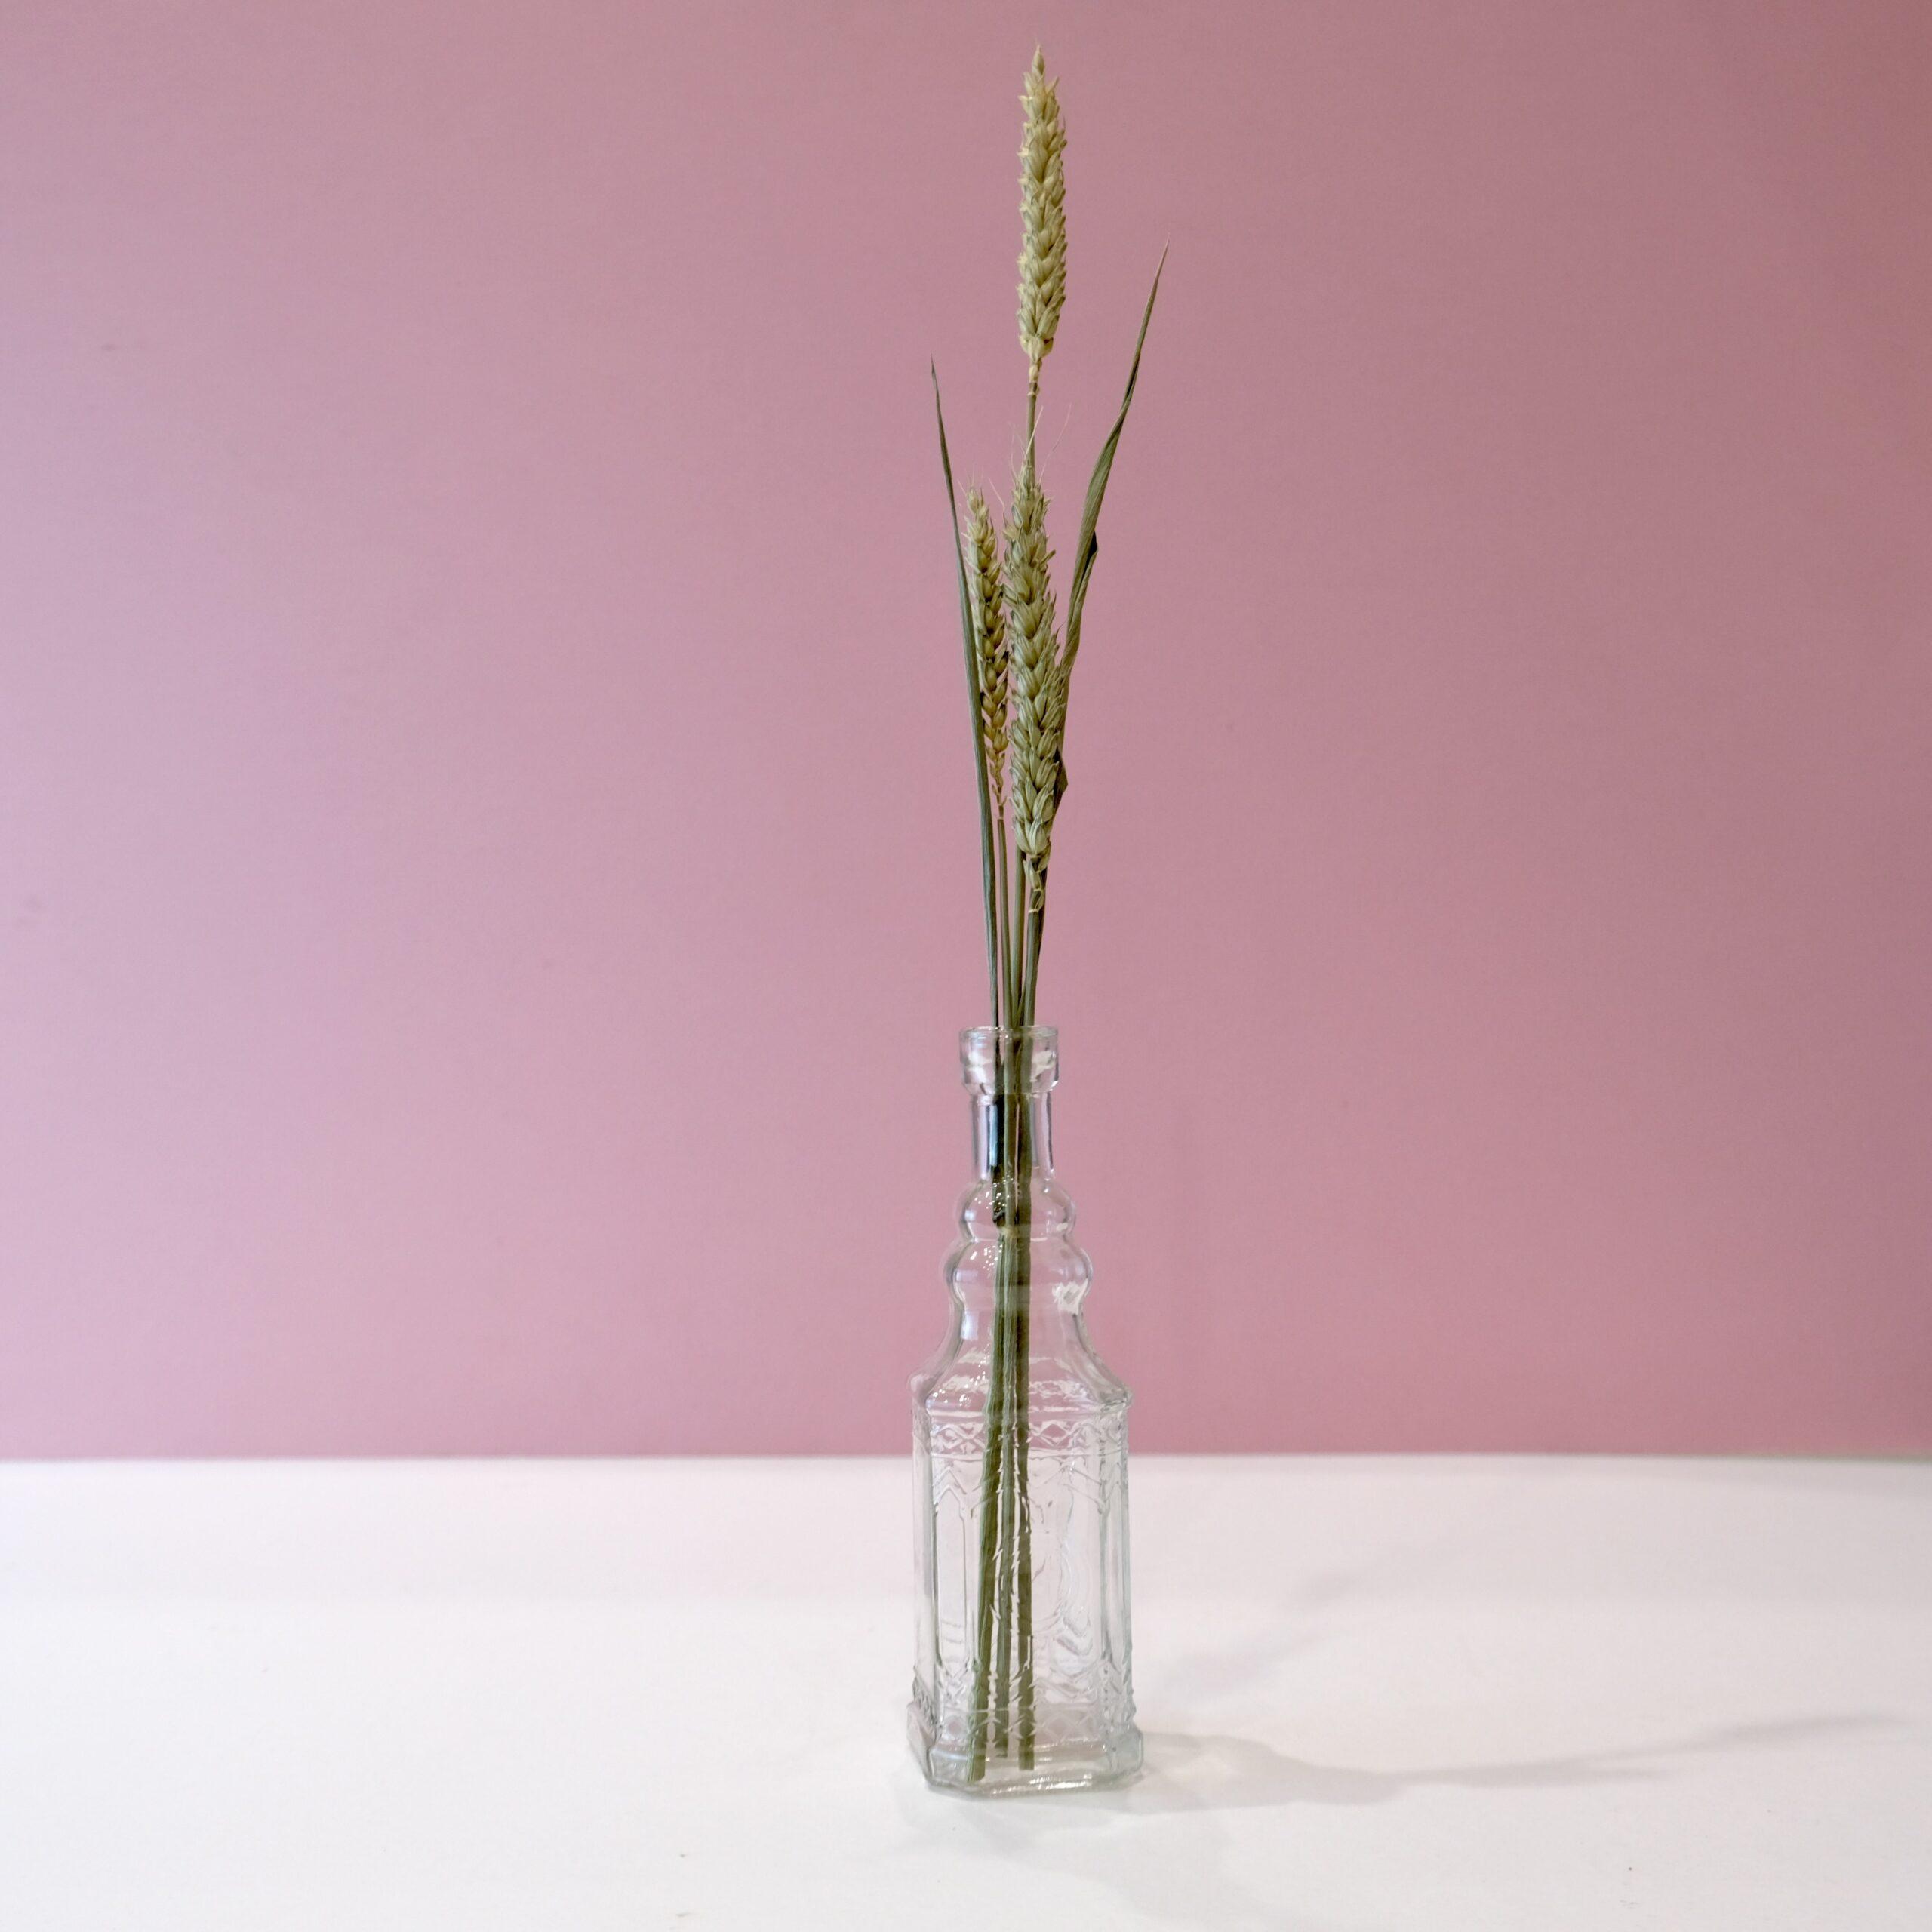 fiole-3-atelier-lavarenne-fleuriste-lyon-2